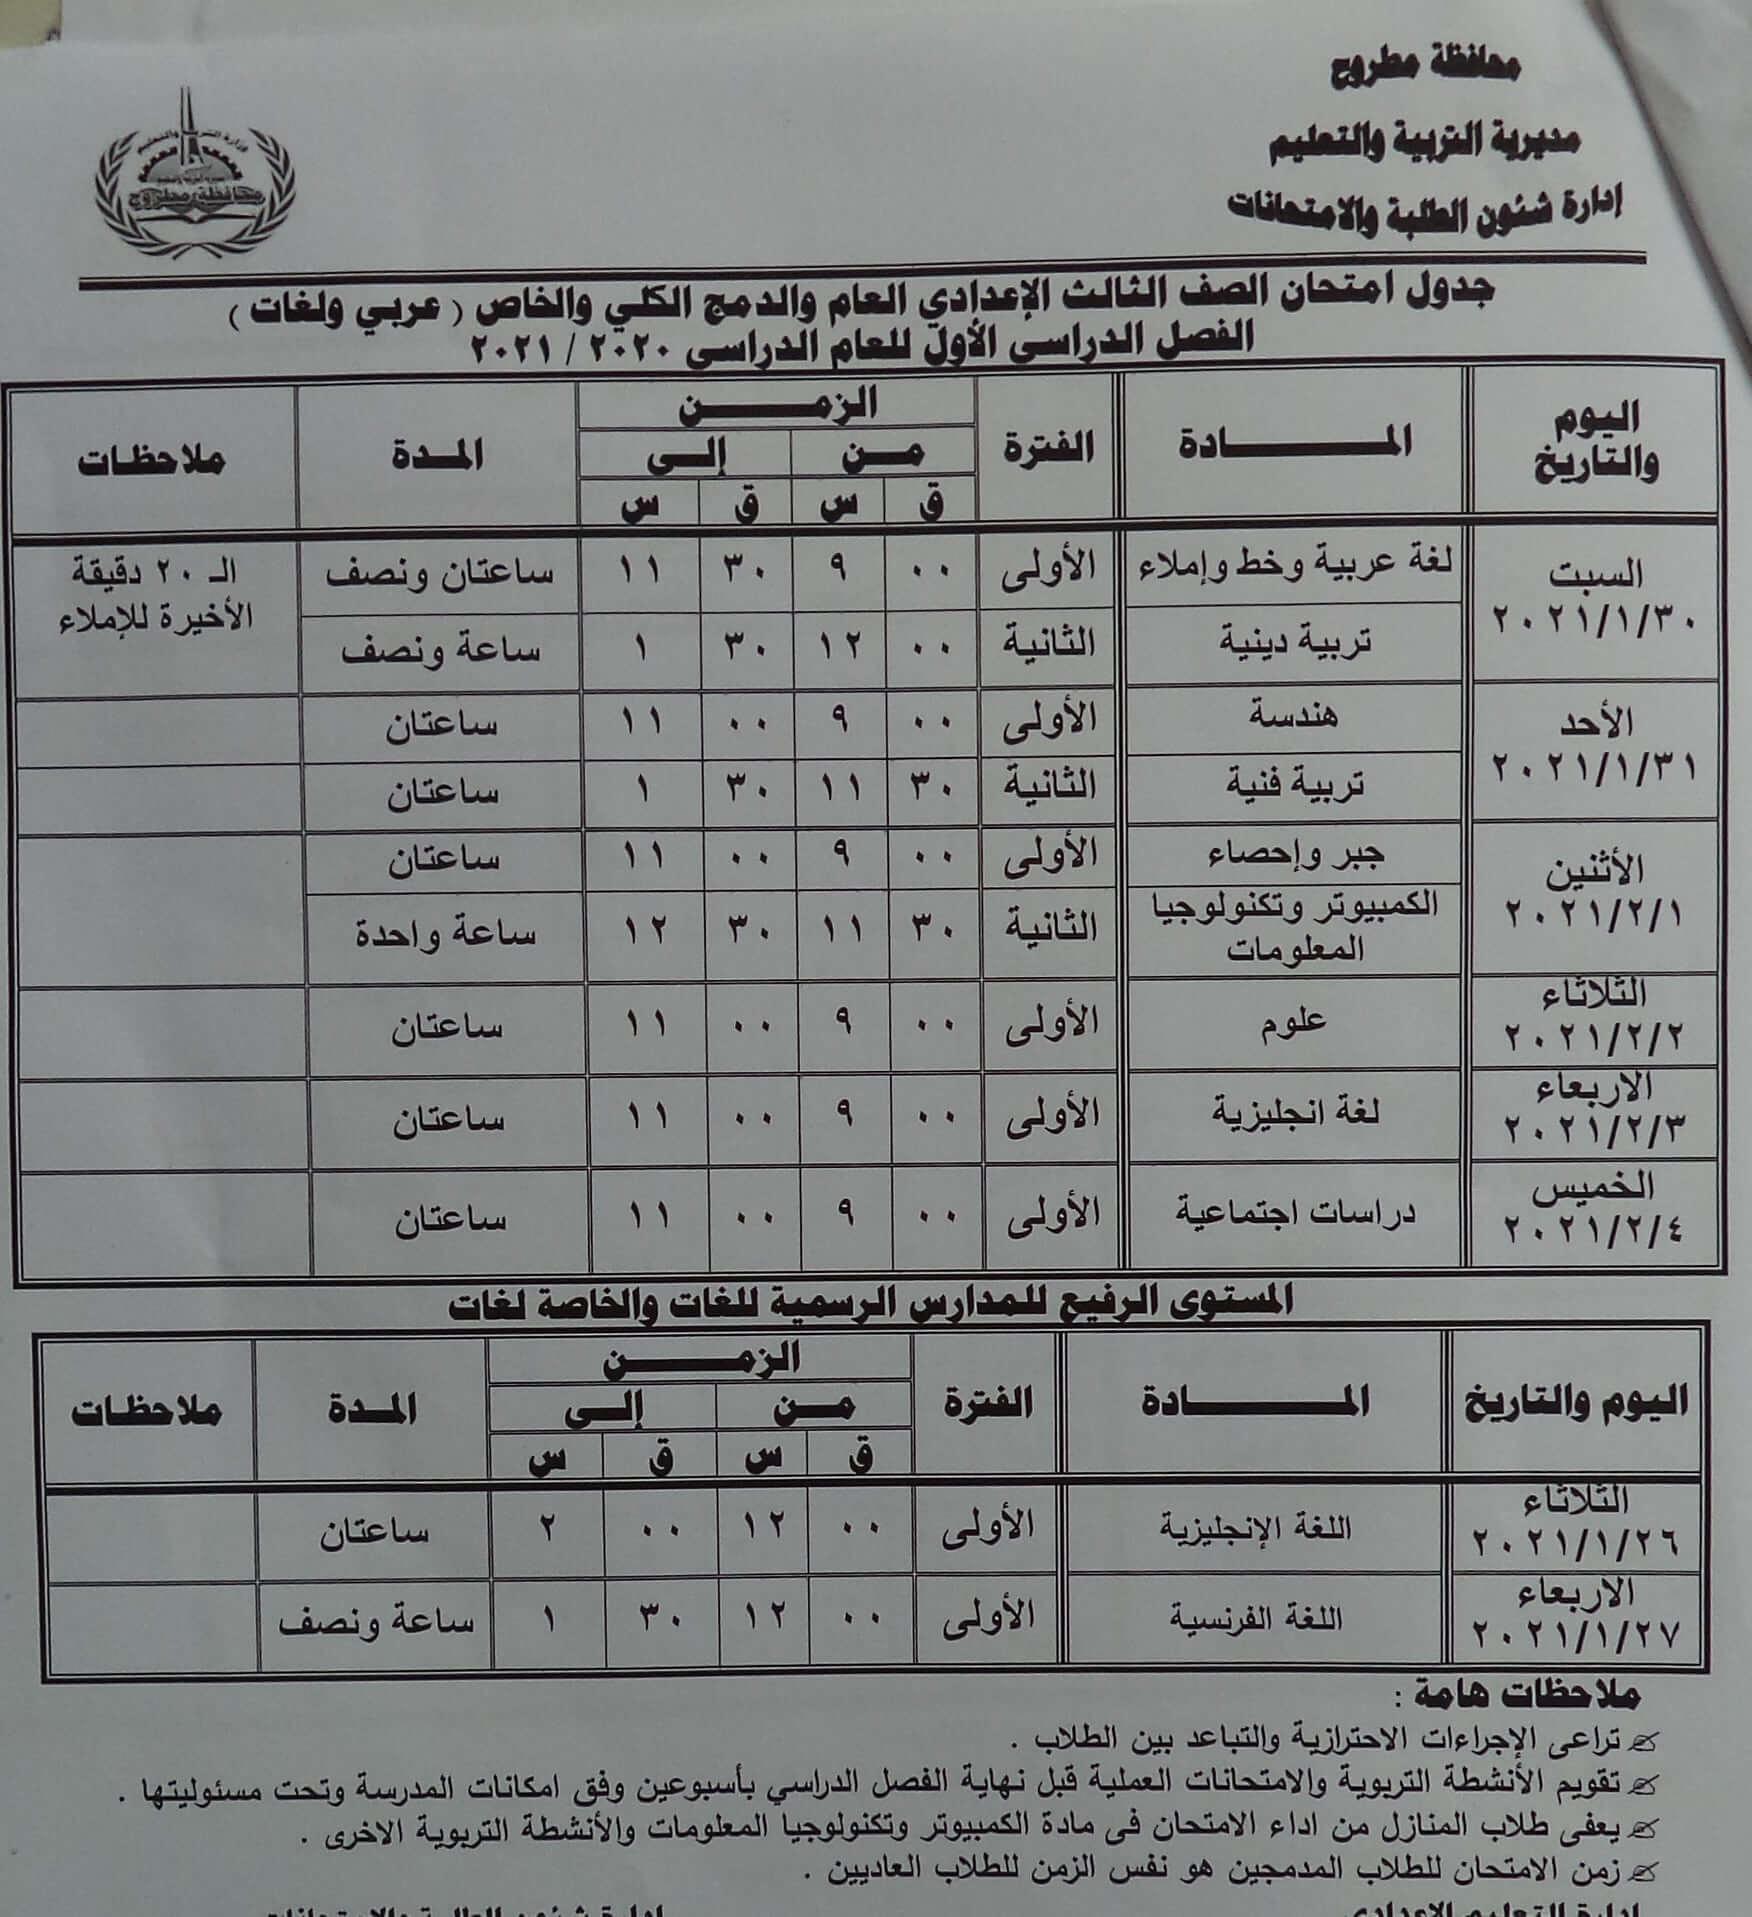 جدول امتحانات الصف الثالث الاعدادي نصف العام محافظة مطروح 2021